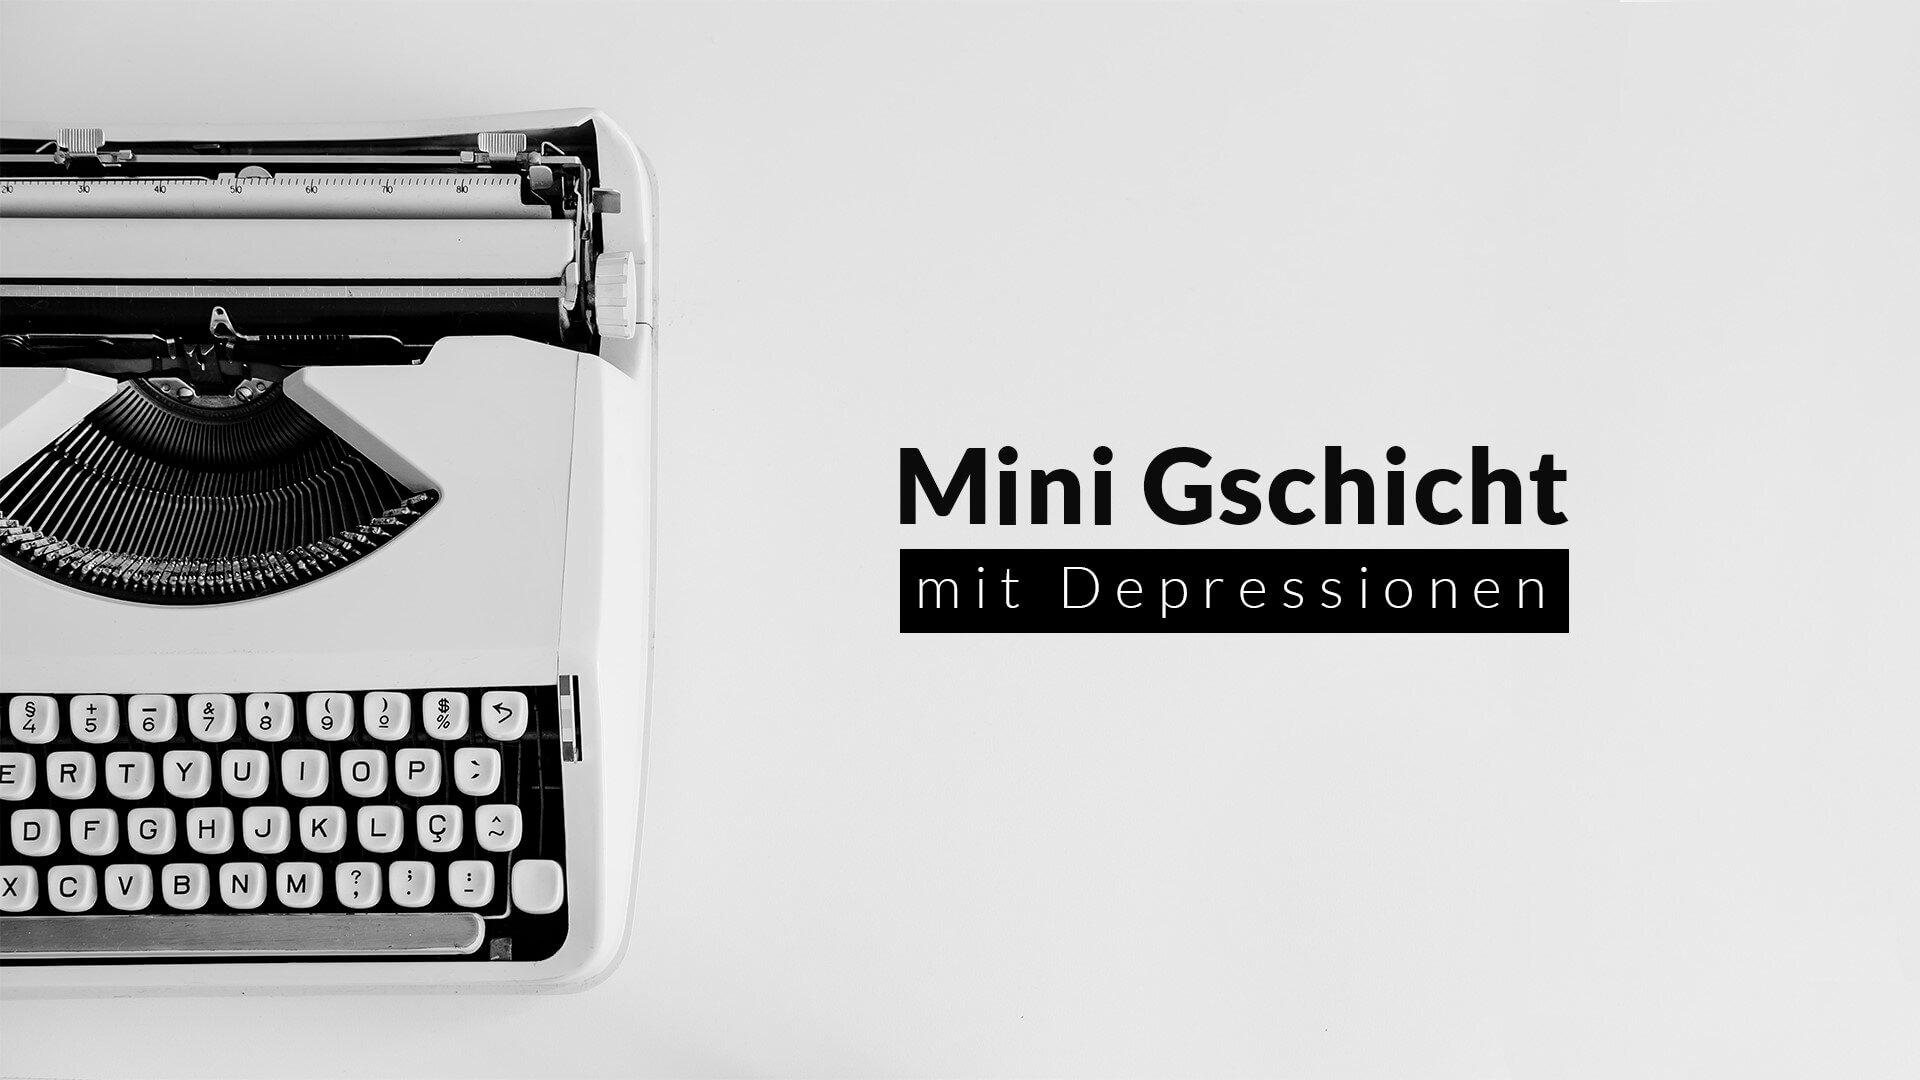 Mini Gschicht_Depressionen_Slide